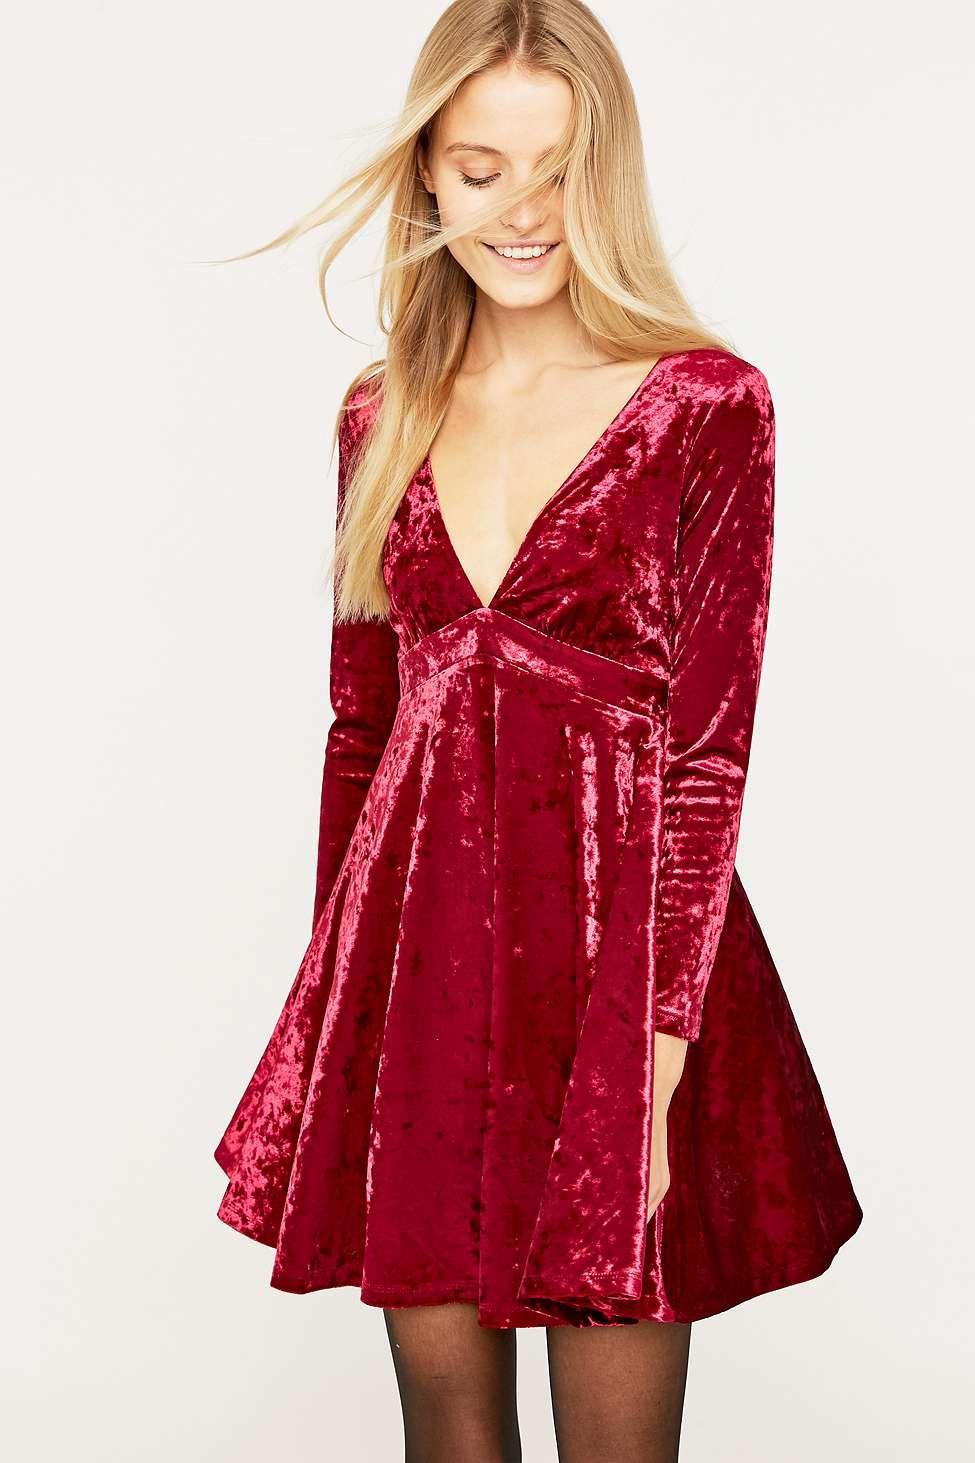 5130265641079 061 B 975 1463 Dresses Babydoll Dress Mini Velvet Dress